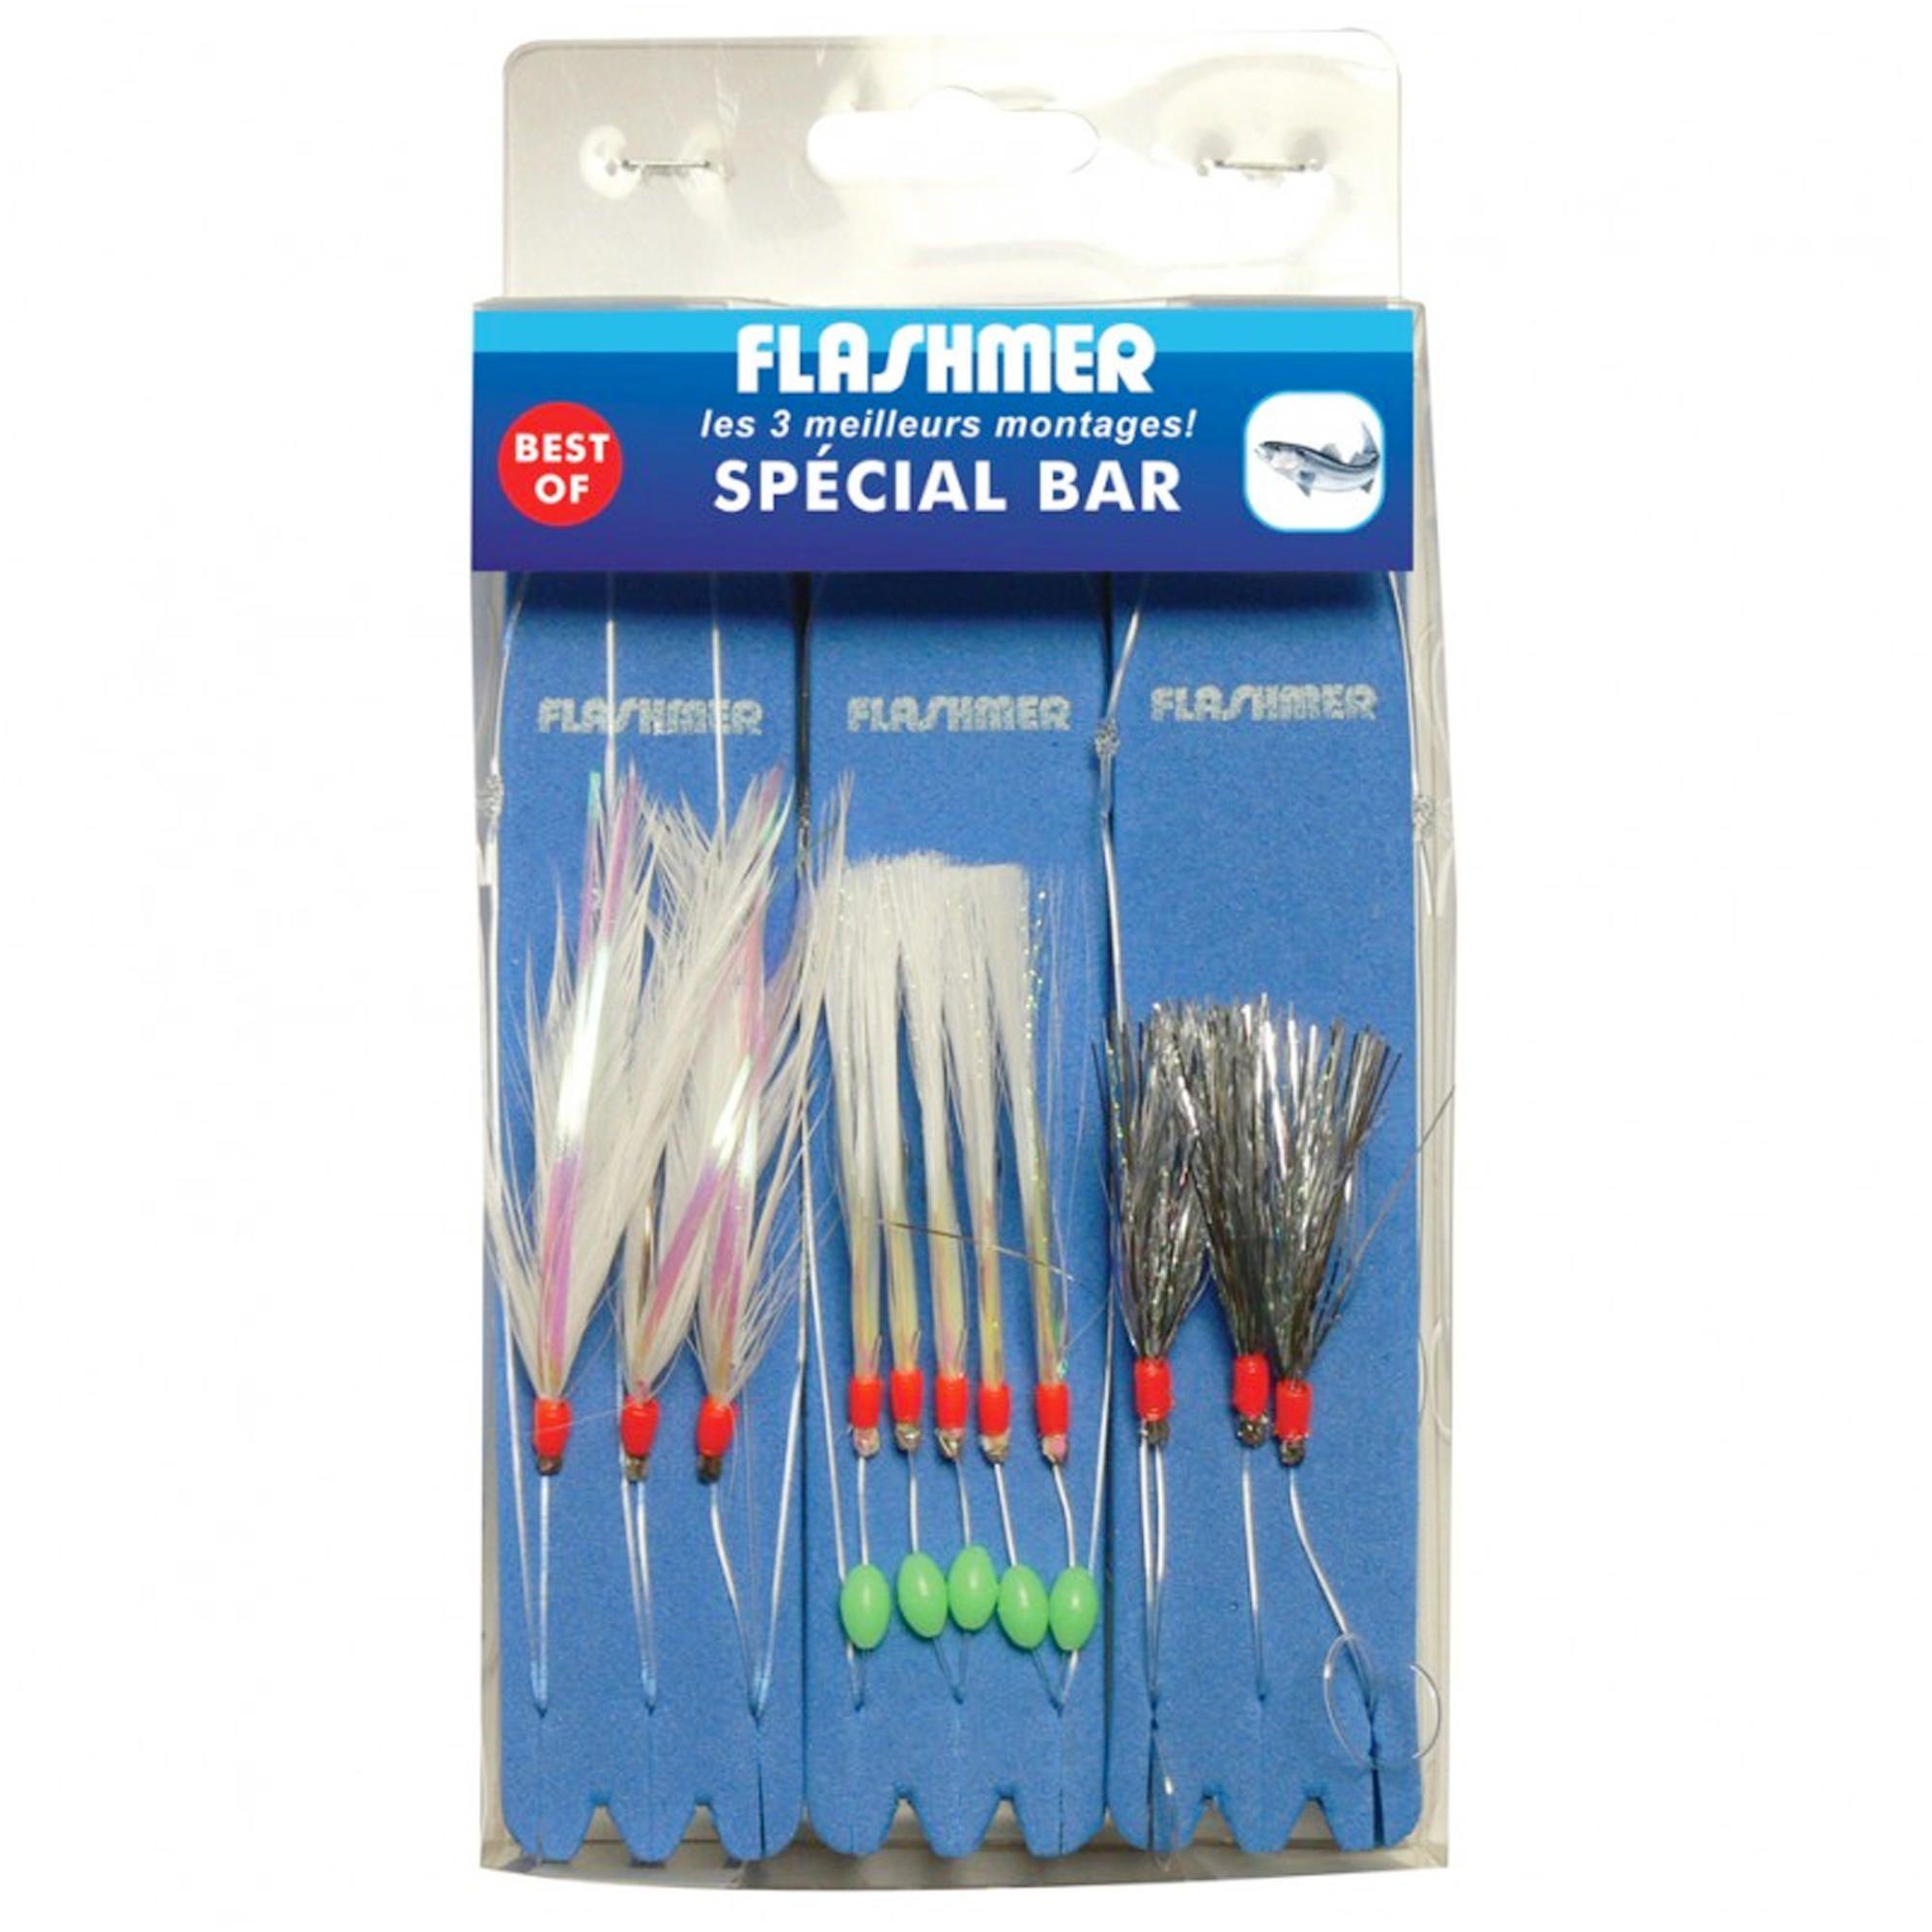 Flashmer - Hengelsport - Verenpaternoster - Onderlijn zeebaars BEST OF x3 vissen op zee. Deze onderlijnen zijn ontworpen voor het vissen op baars en andere zeeroofvissen.